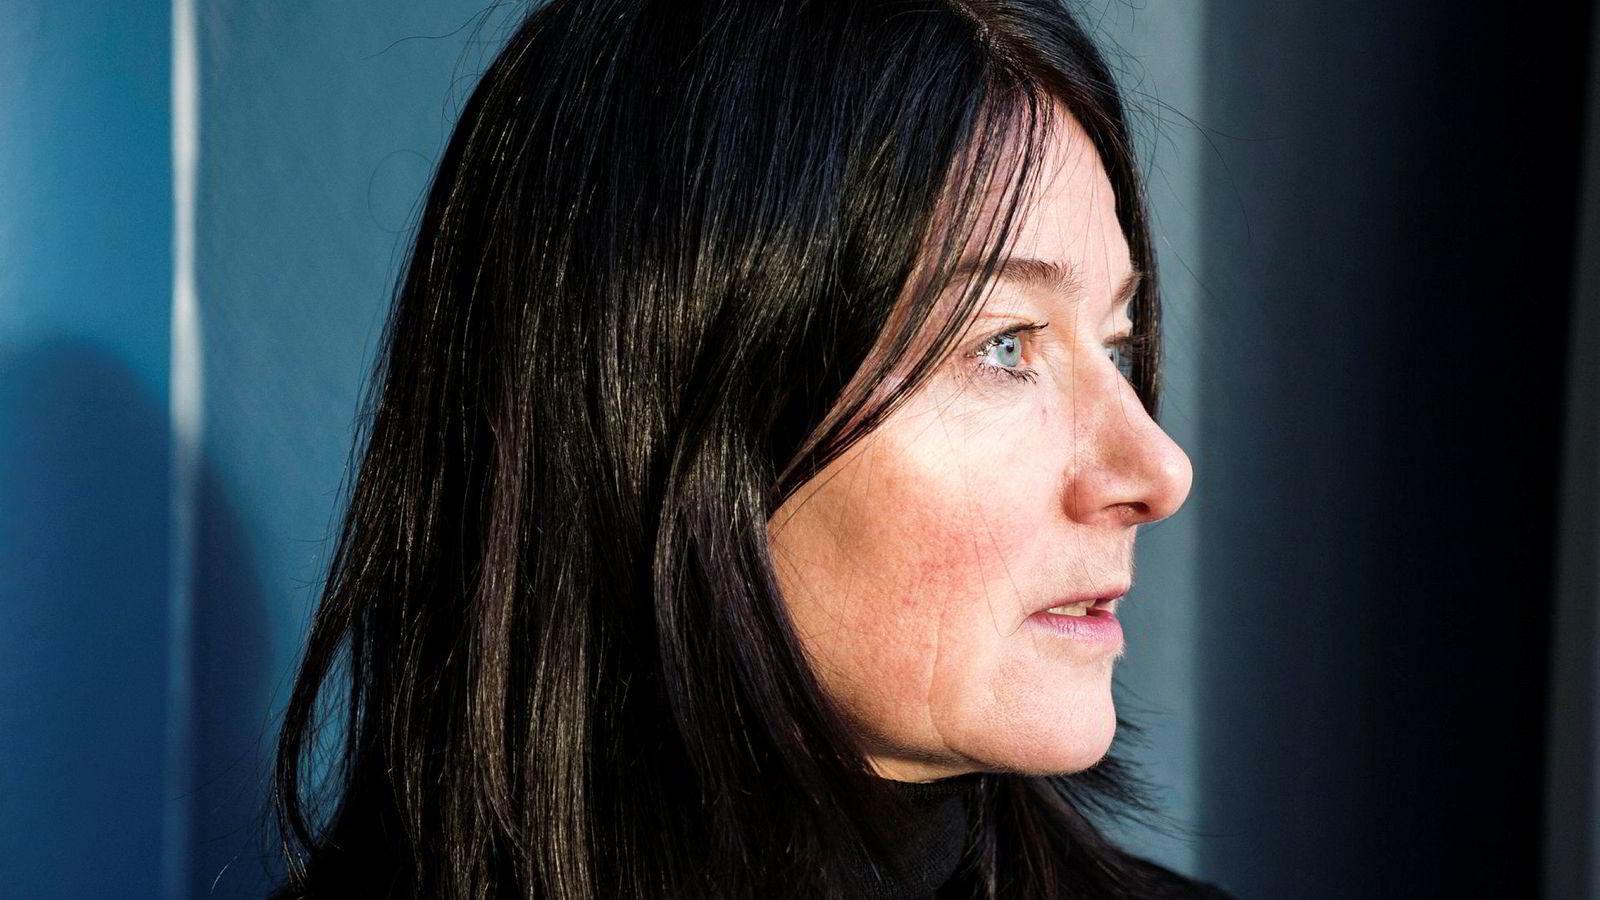 Førstestatsadvokat Elisabeth Harbo-Lervik, som leder etterforskningen, vil ikke kommentere opplysningene.